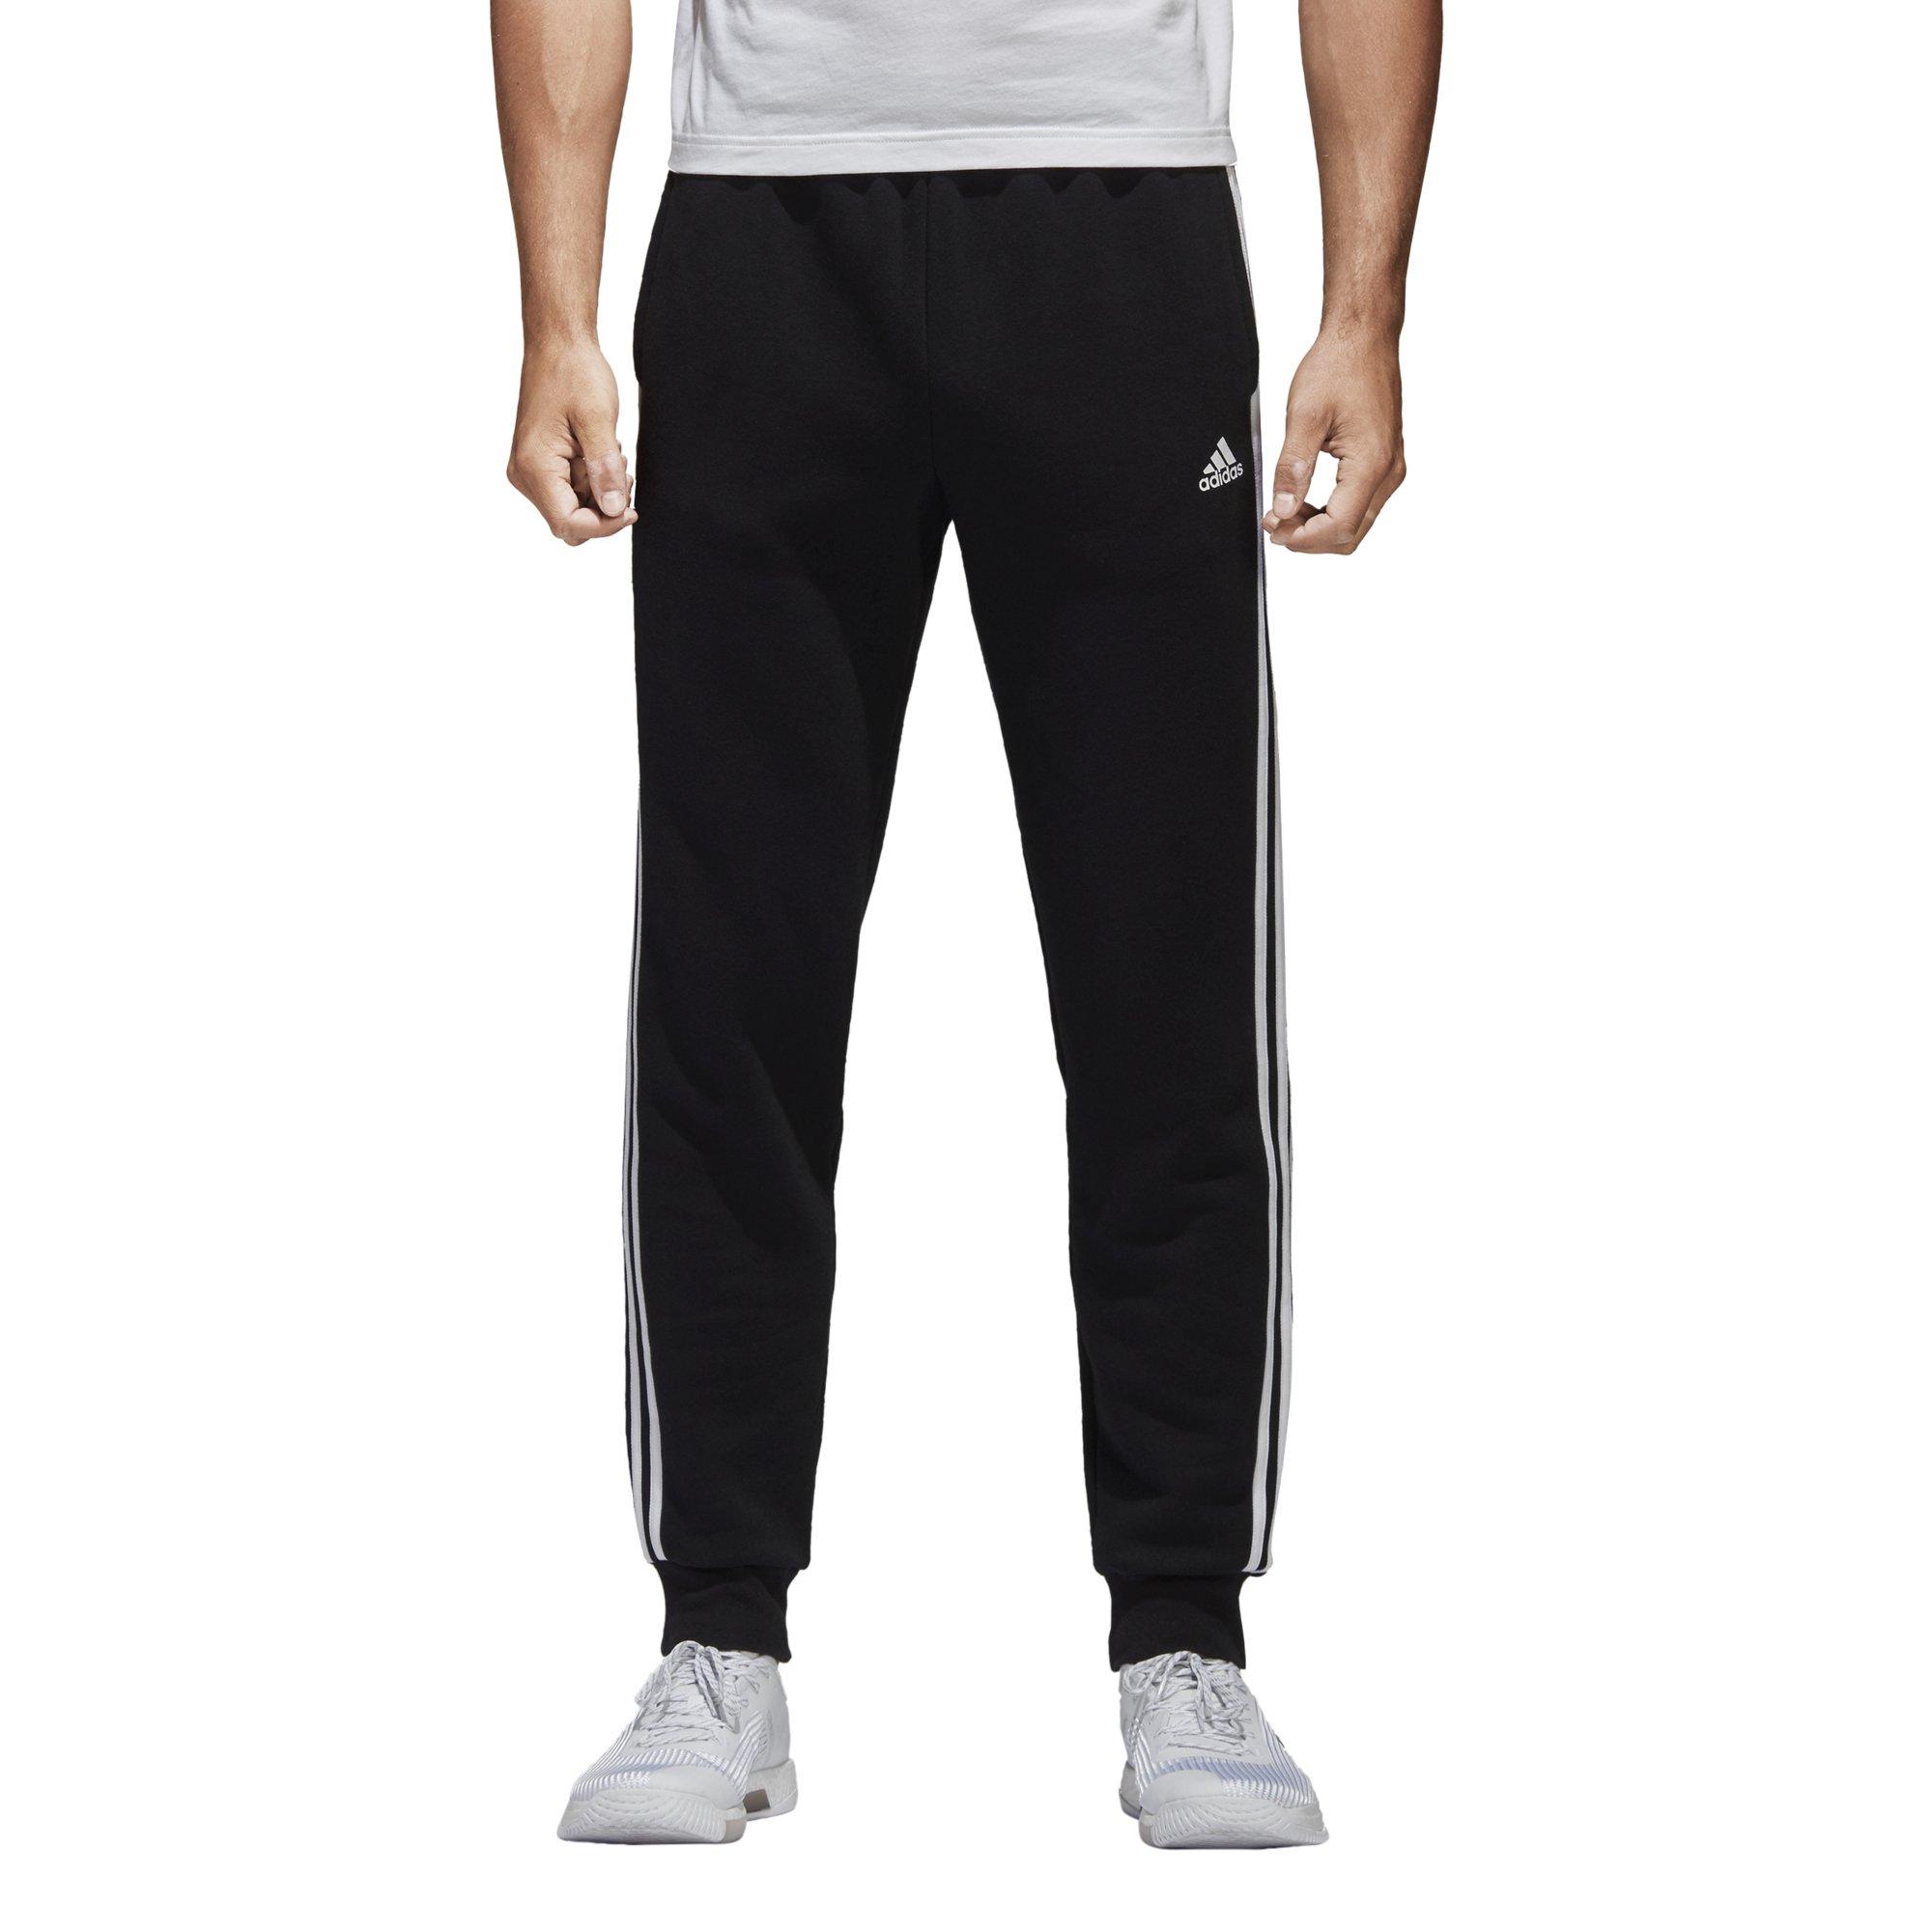 adidas Men's Essentials 3-Stripe Jogger Pants, Black/White, Medium